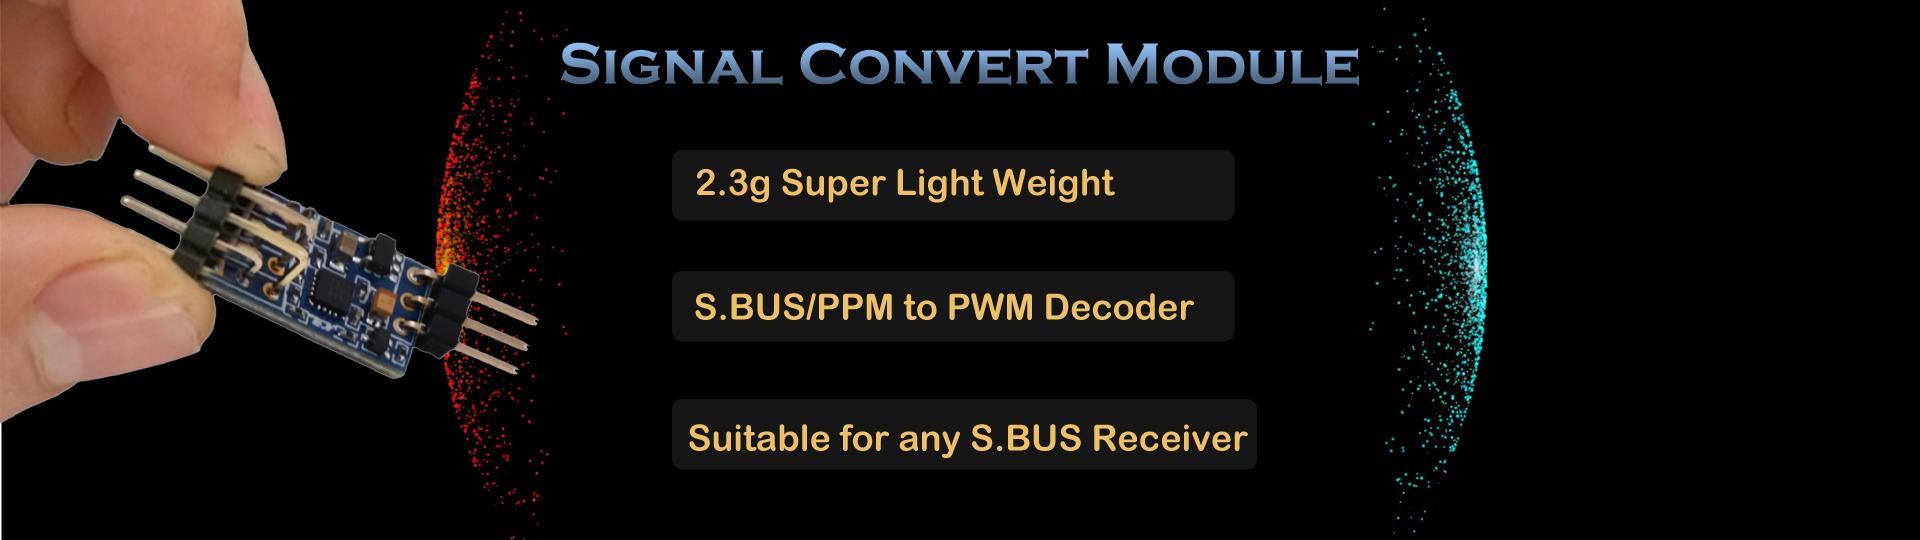 Модуль конвертор сигналов